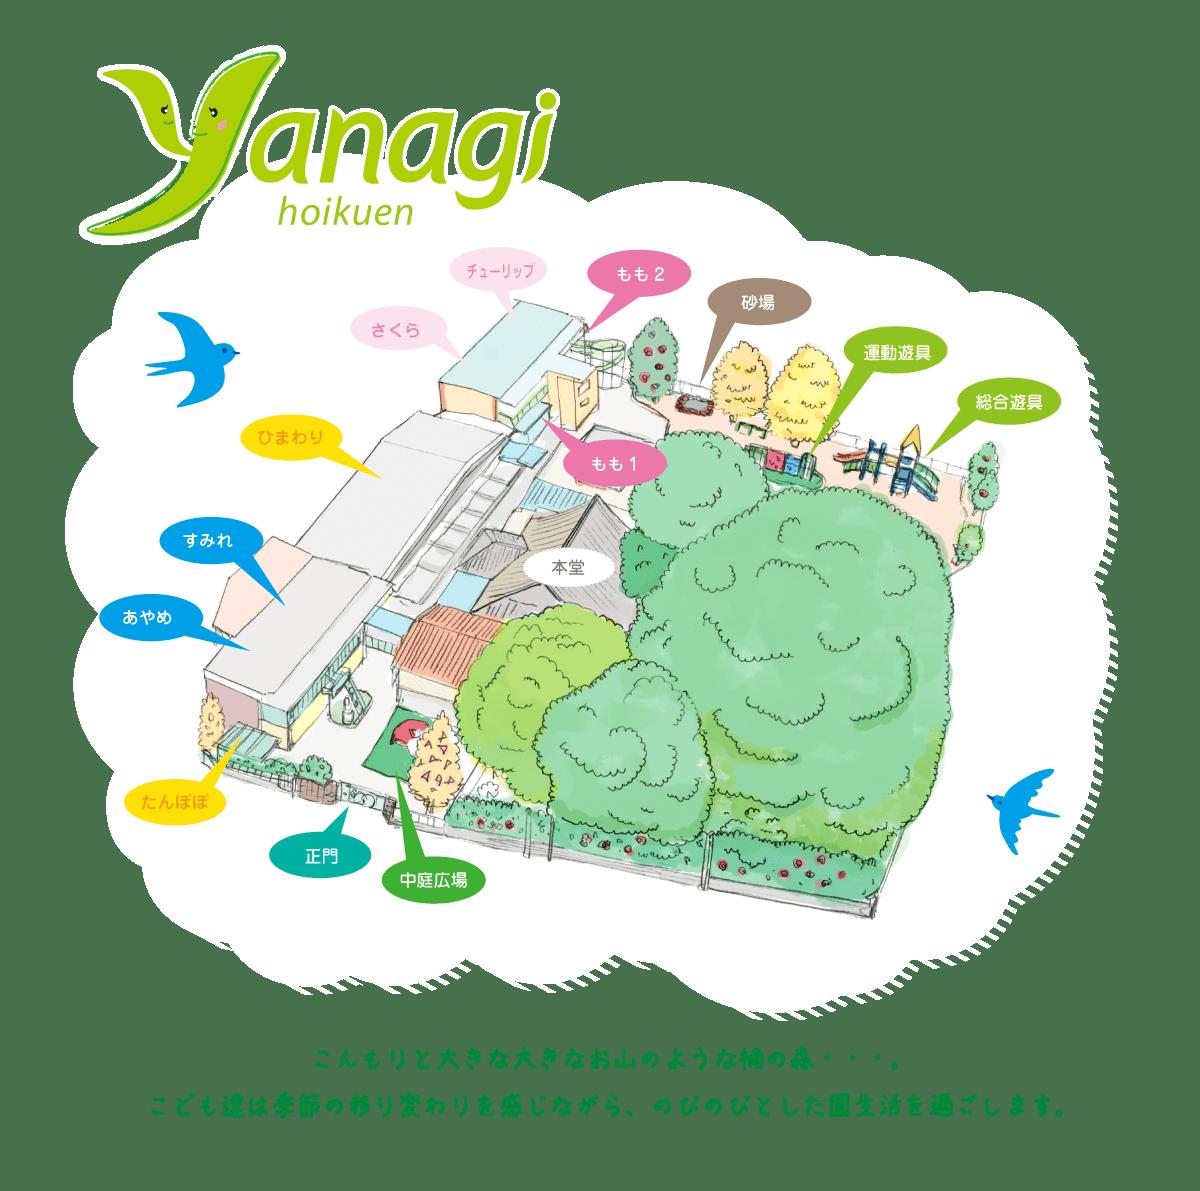 柳保育園〈公式サイト〉名古屋市中村区の保育園